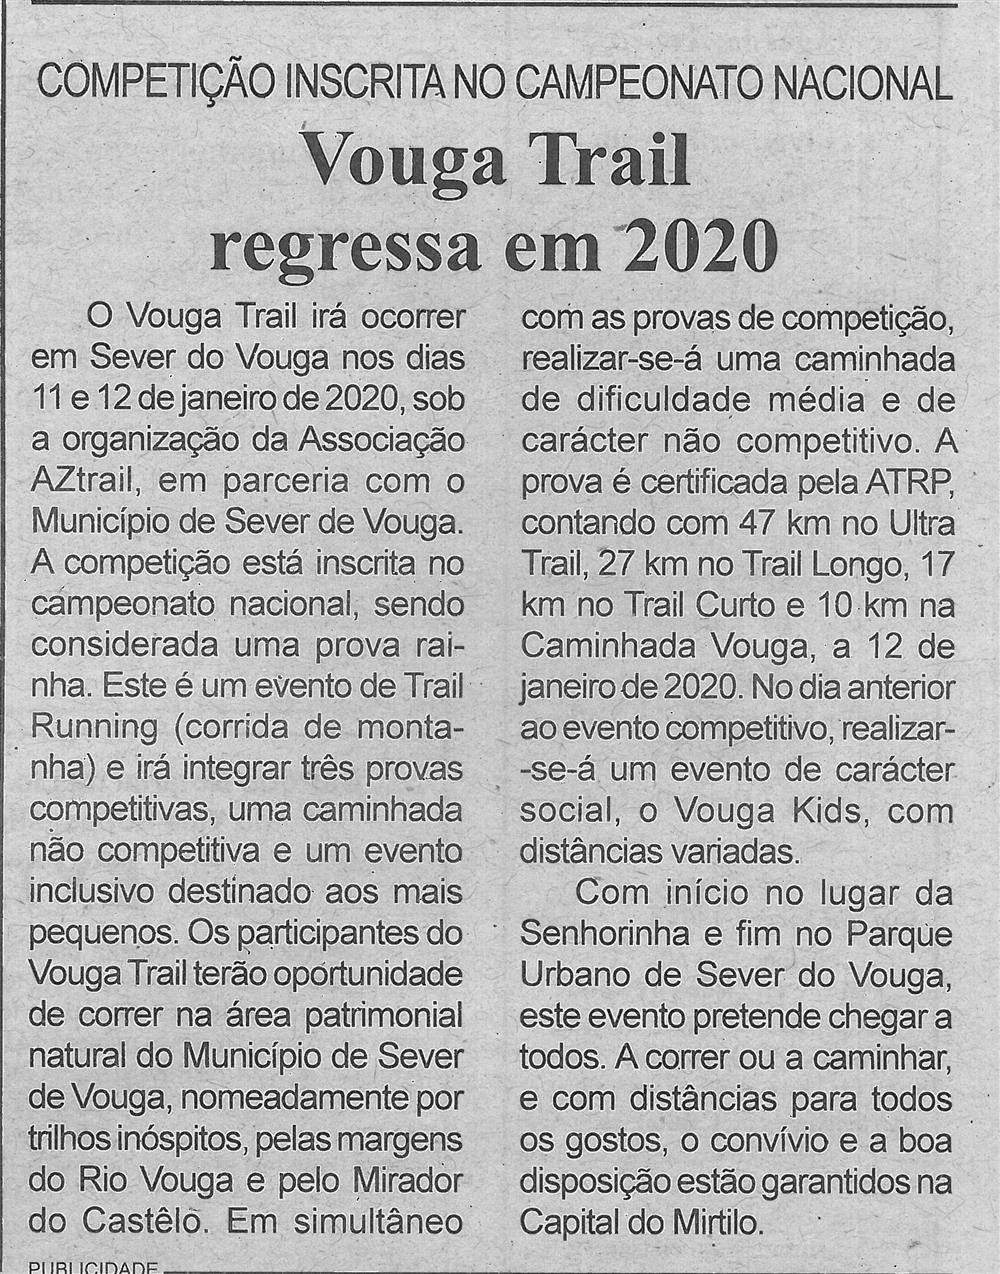 BV-2.ªdez.'19-p.3-Vouga Trail regressa em 2020 : competição inscrita no Campeonato Nacional.jpg